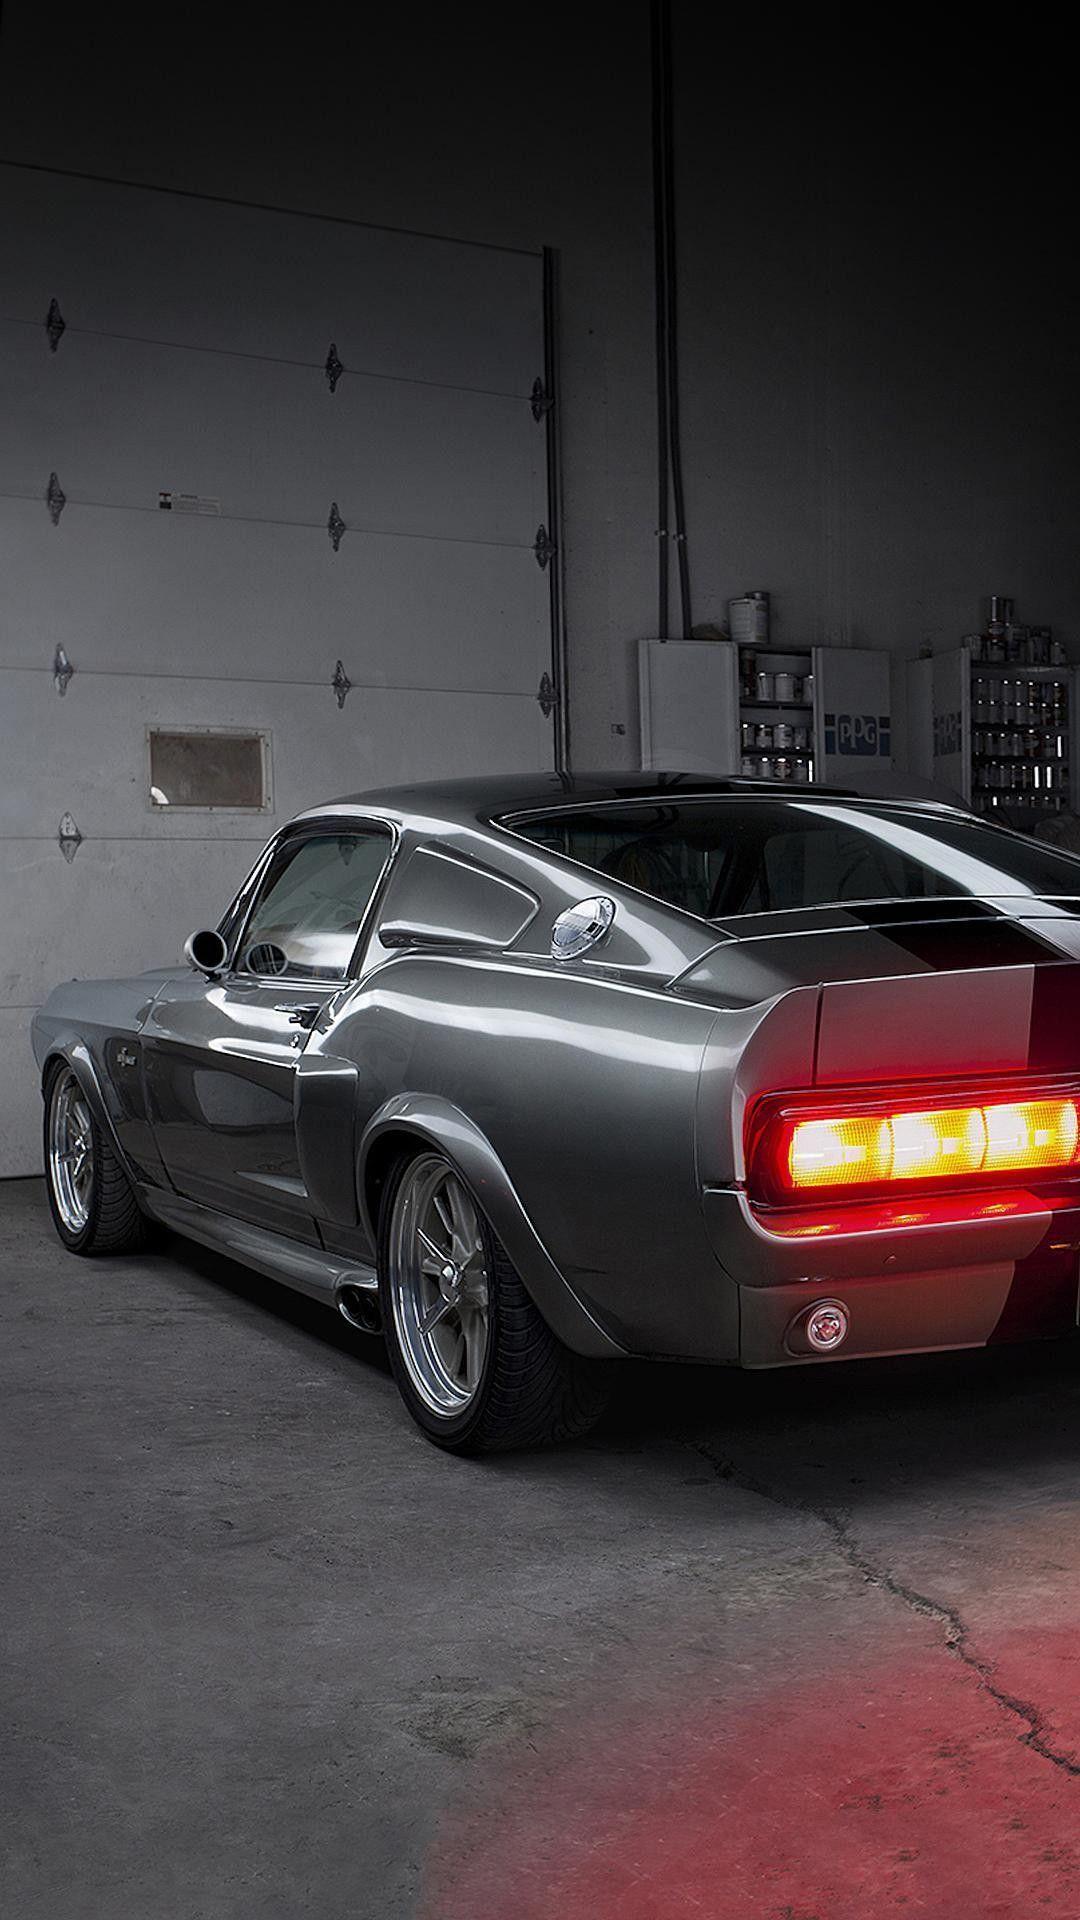 Res 1080x1920 Iphone 7 Plus Wallpaper Cars Plus Mustang Mustang Iphone Wallpaper Mustang Wallpaper Car Iphone Wallpaper